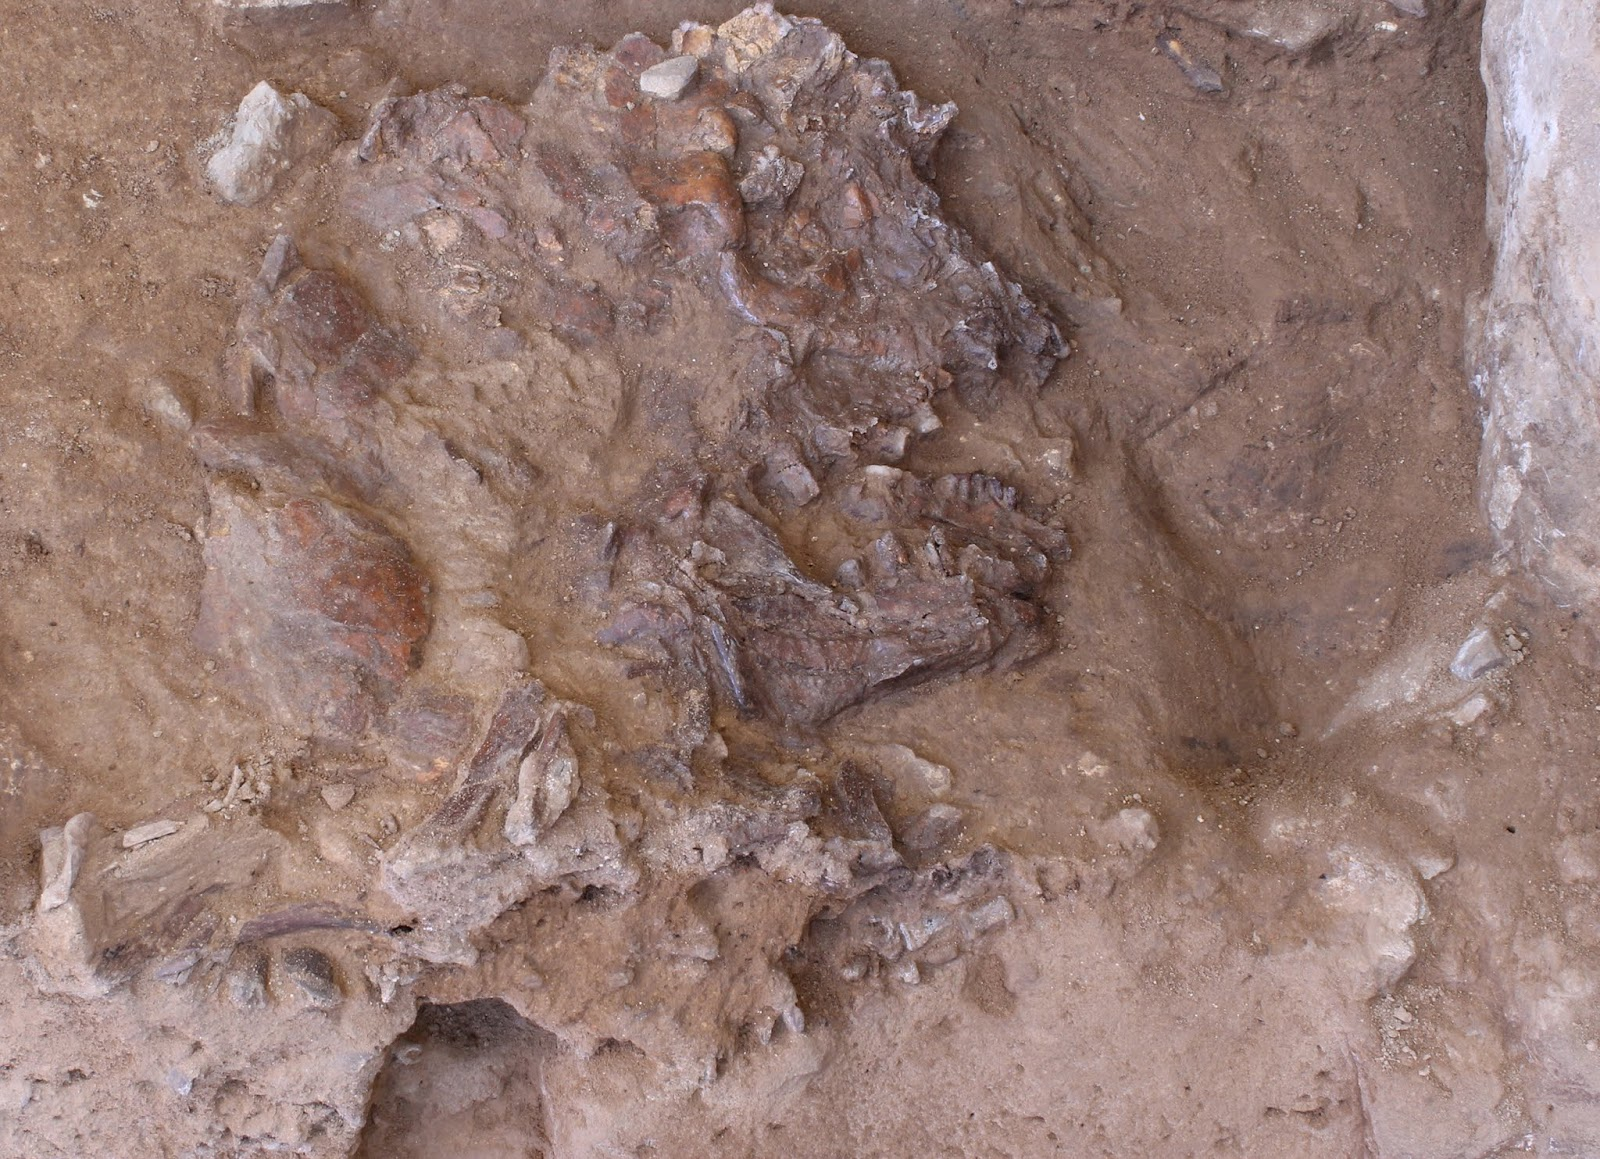 Nuevo esqueleto neandertal localizado en la cueva de Shanidar (Kurdistán Iraquí). Foto: Graeme Barker.